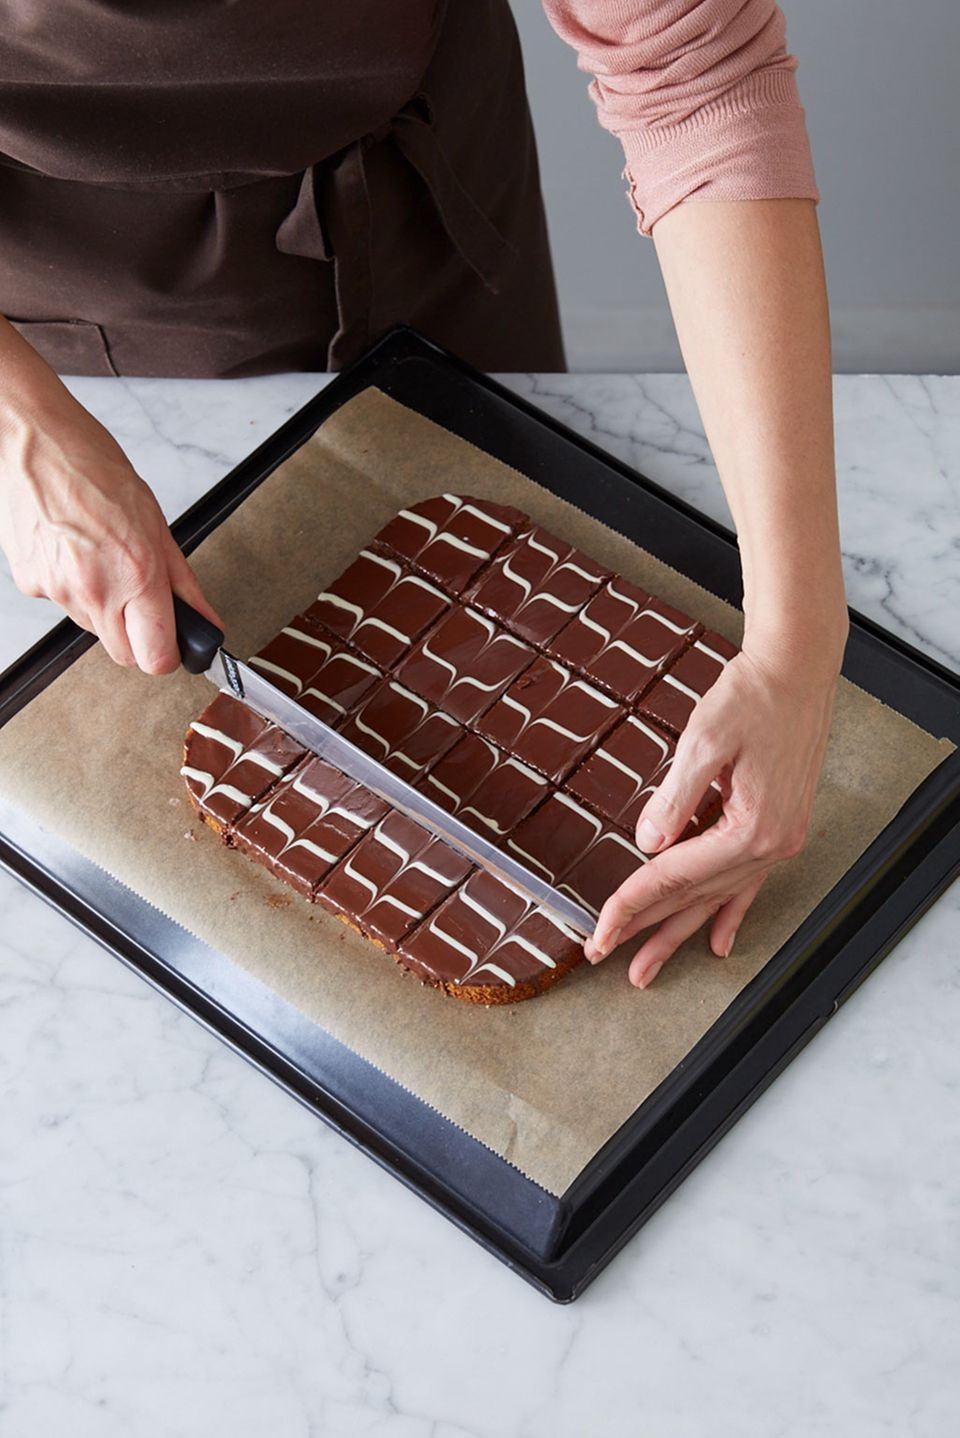 Kuchen mit fest gewordener Kuvertüre schneiden.